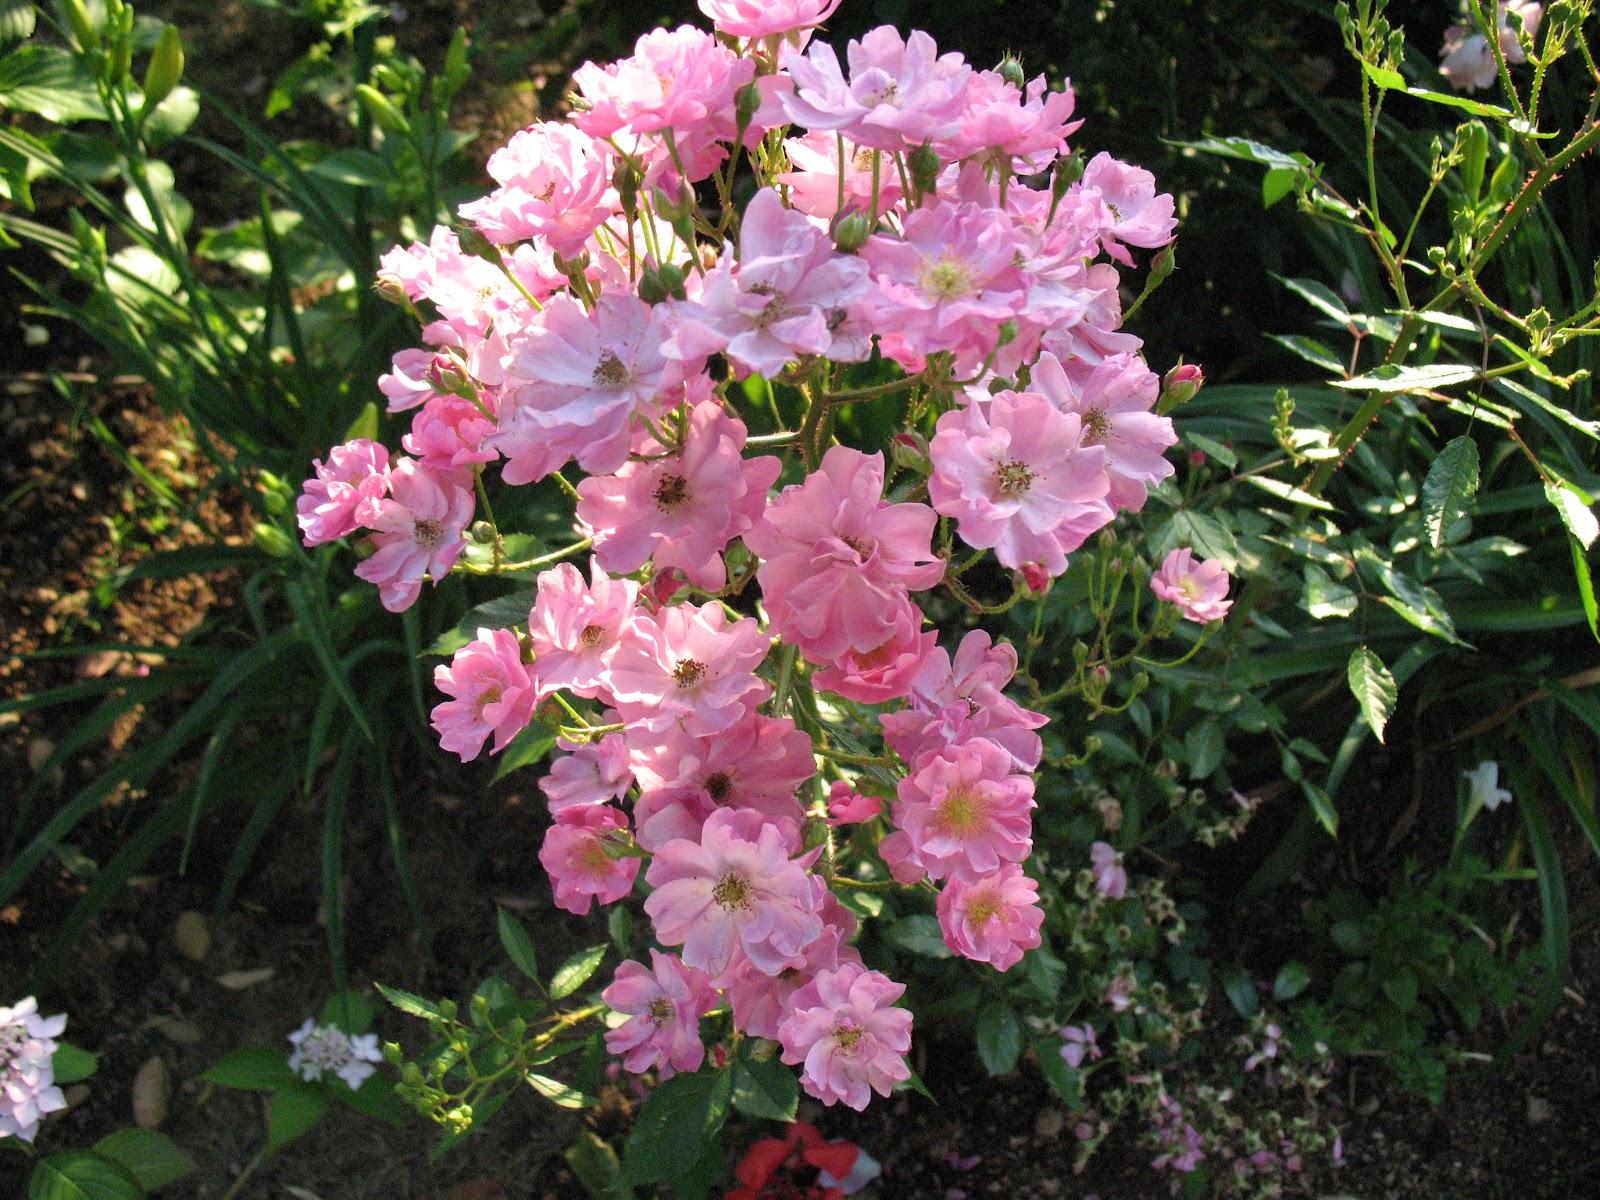 Roses du jardin ch neland rosier yesterday - Deplacer un rosier ...